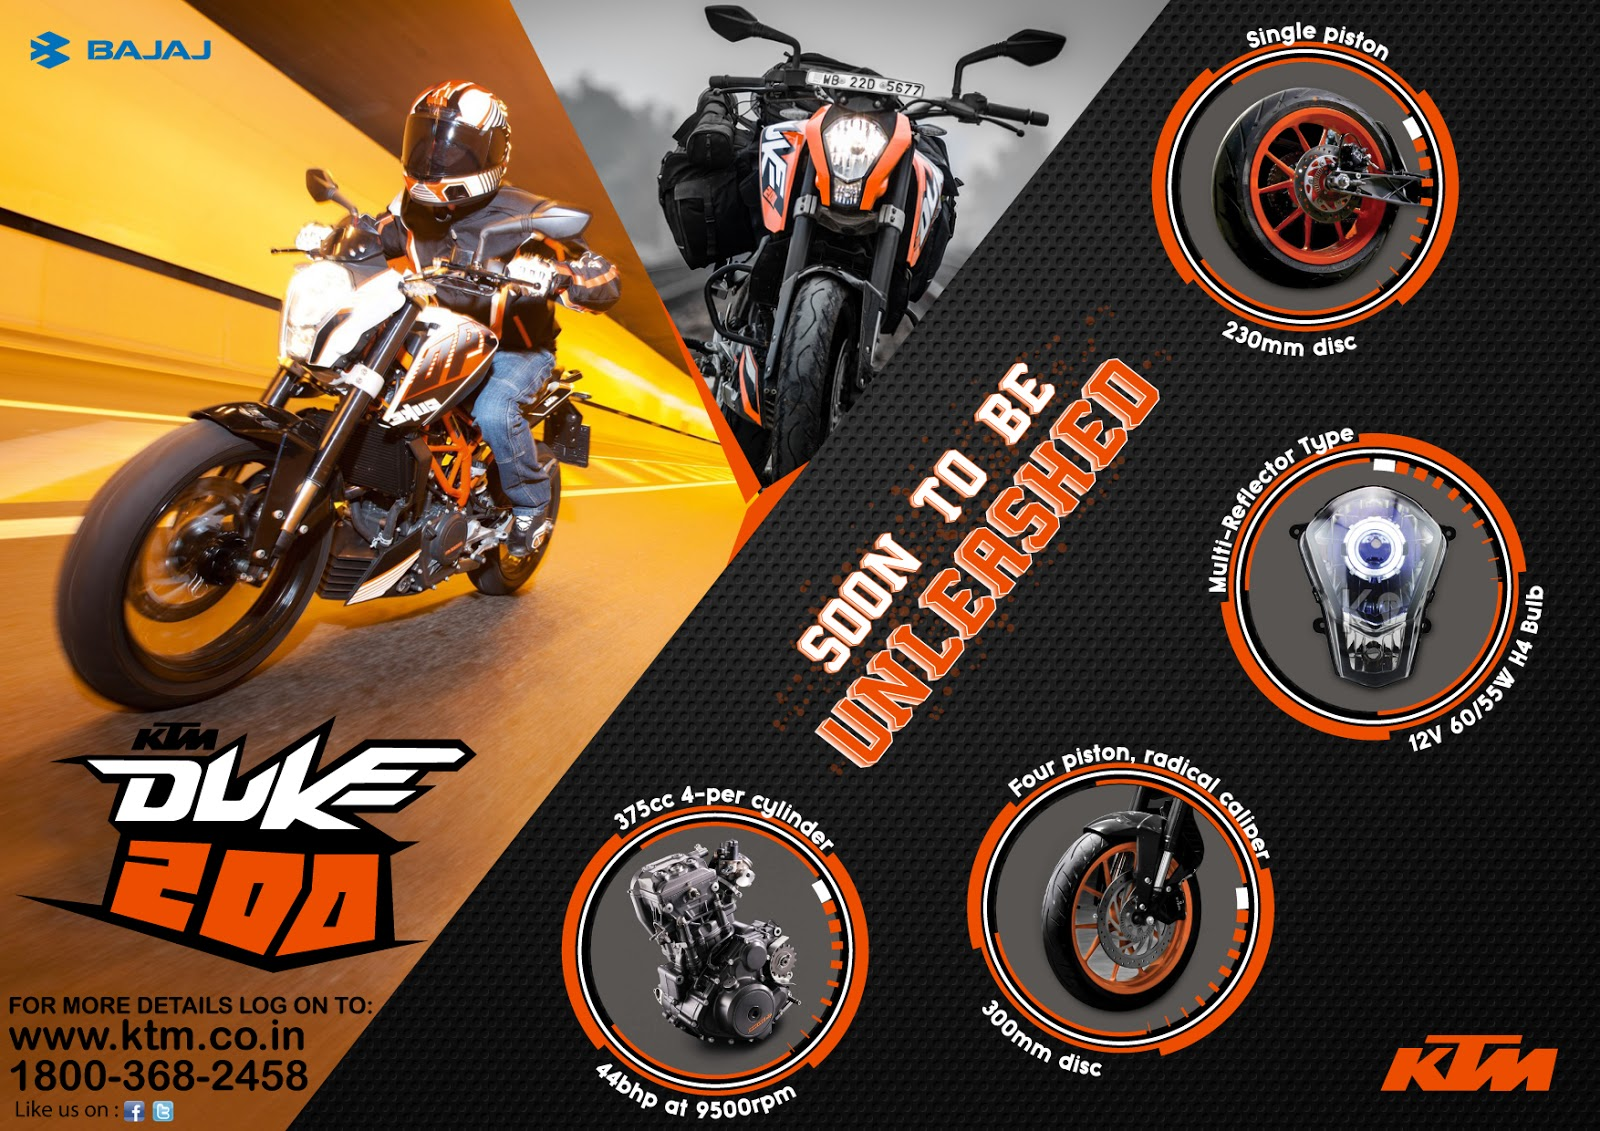 Brochure designing work of KTM DUKE 200.